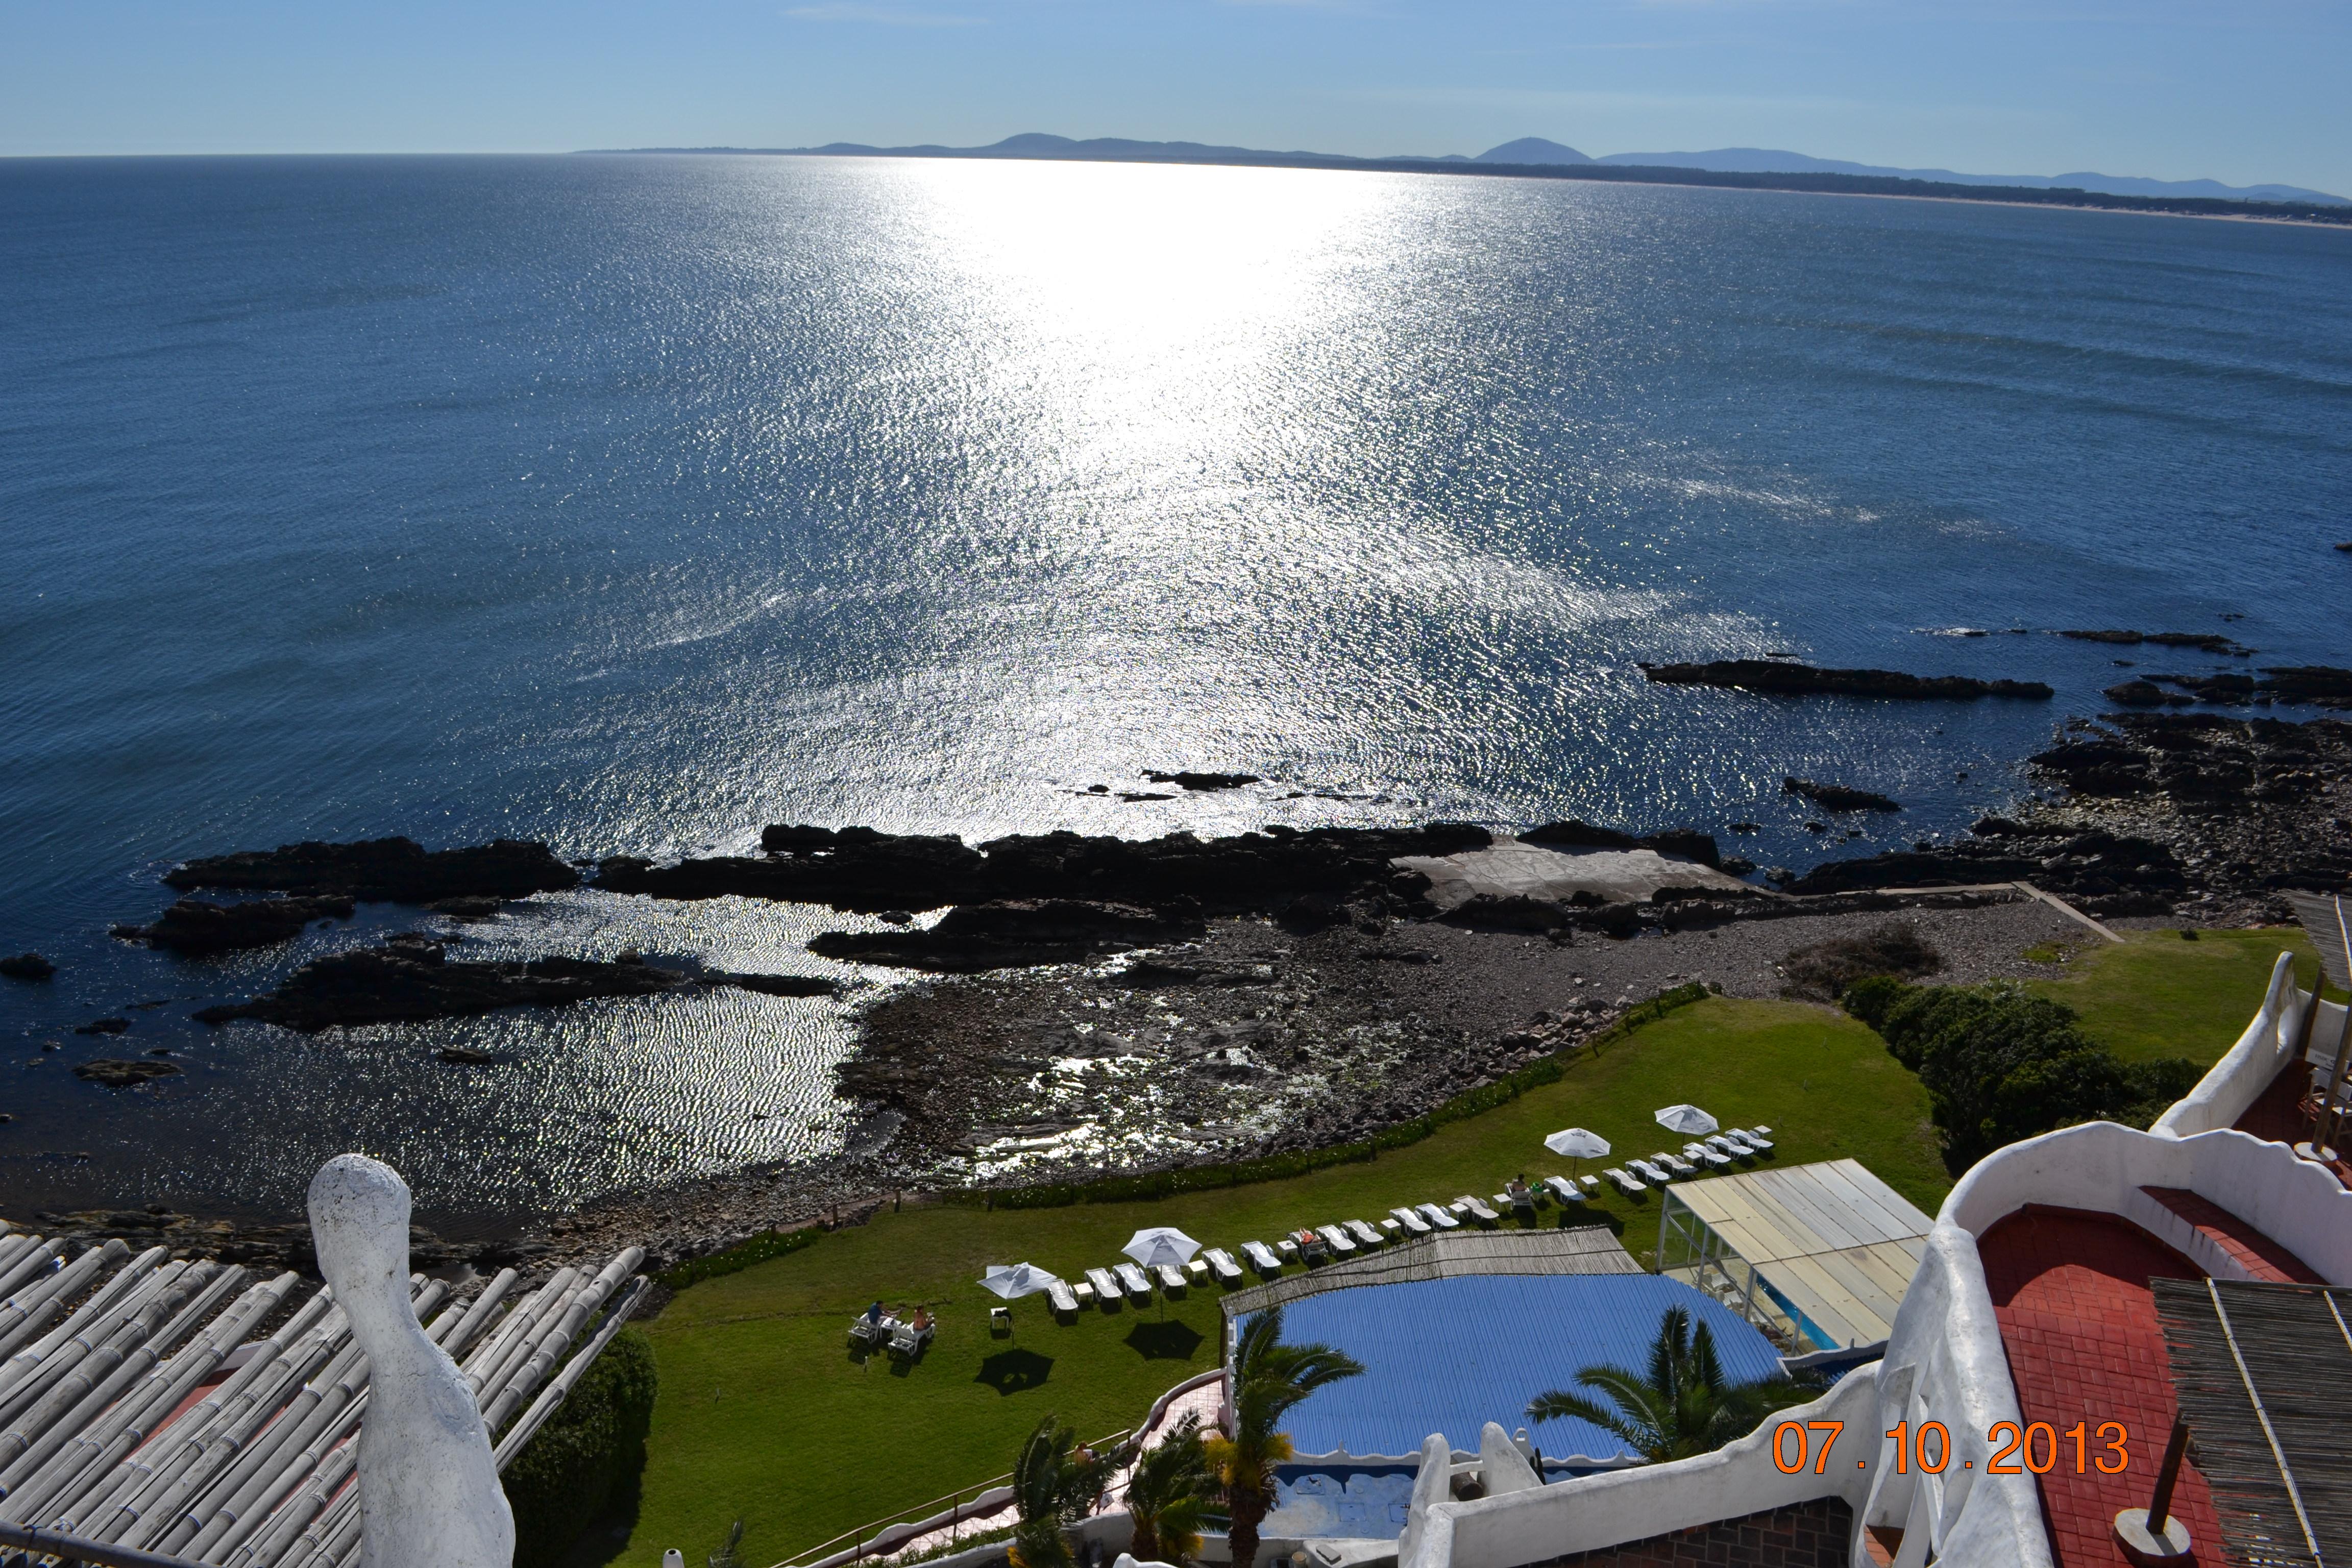 Vista da Casapueblo, detalhe para o deck do hotel no canto inferior da foto